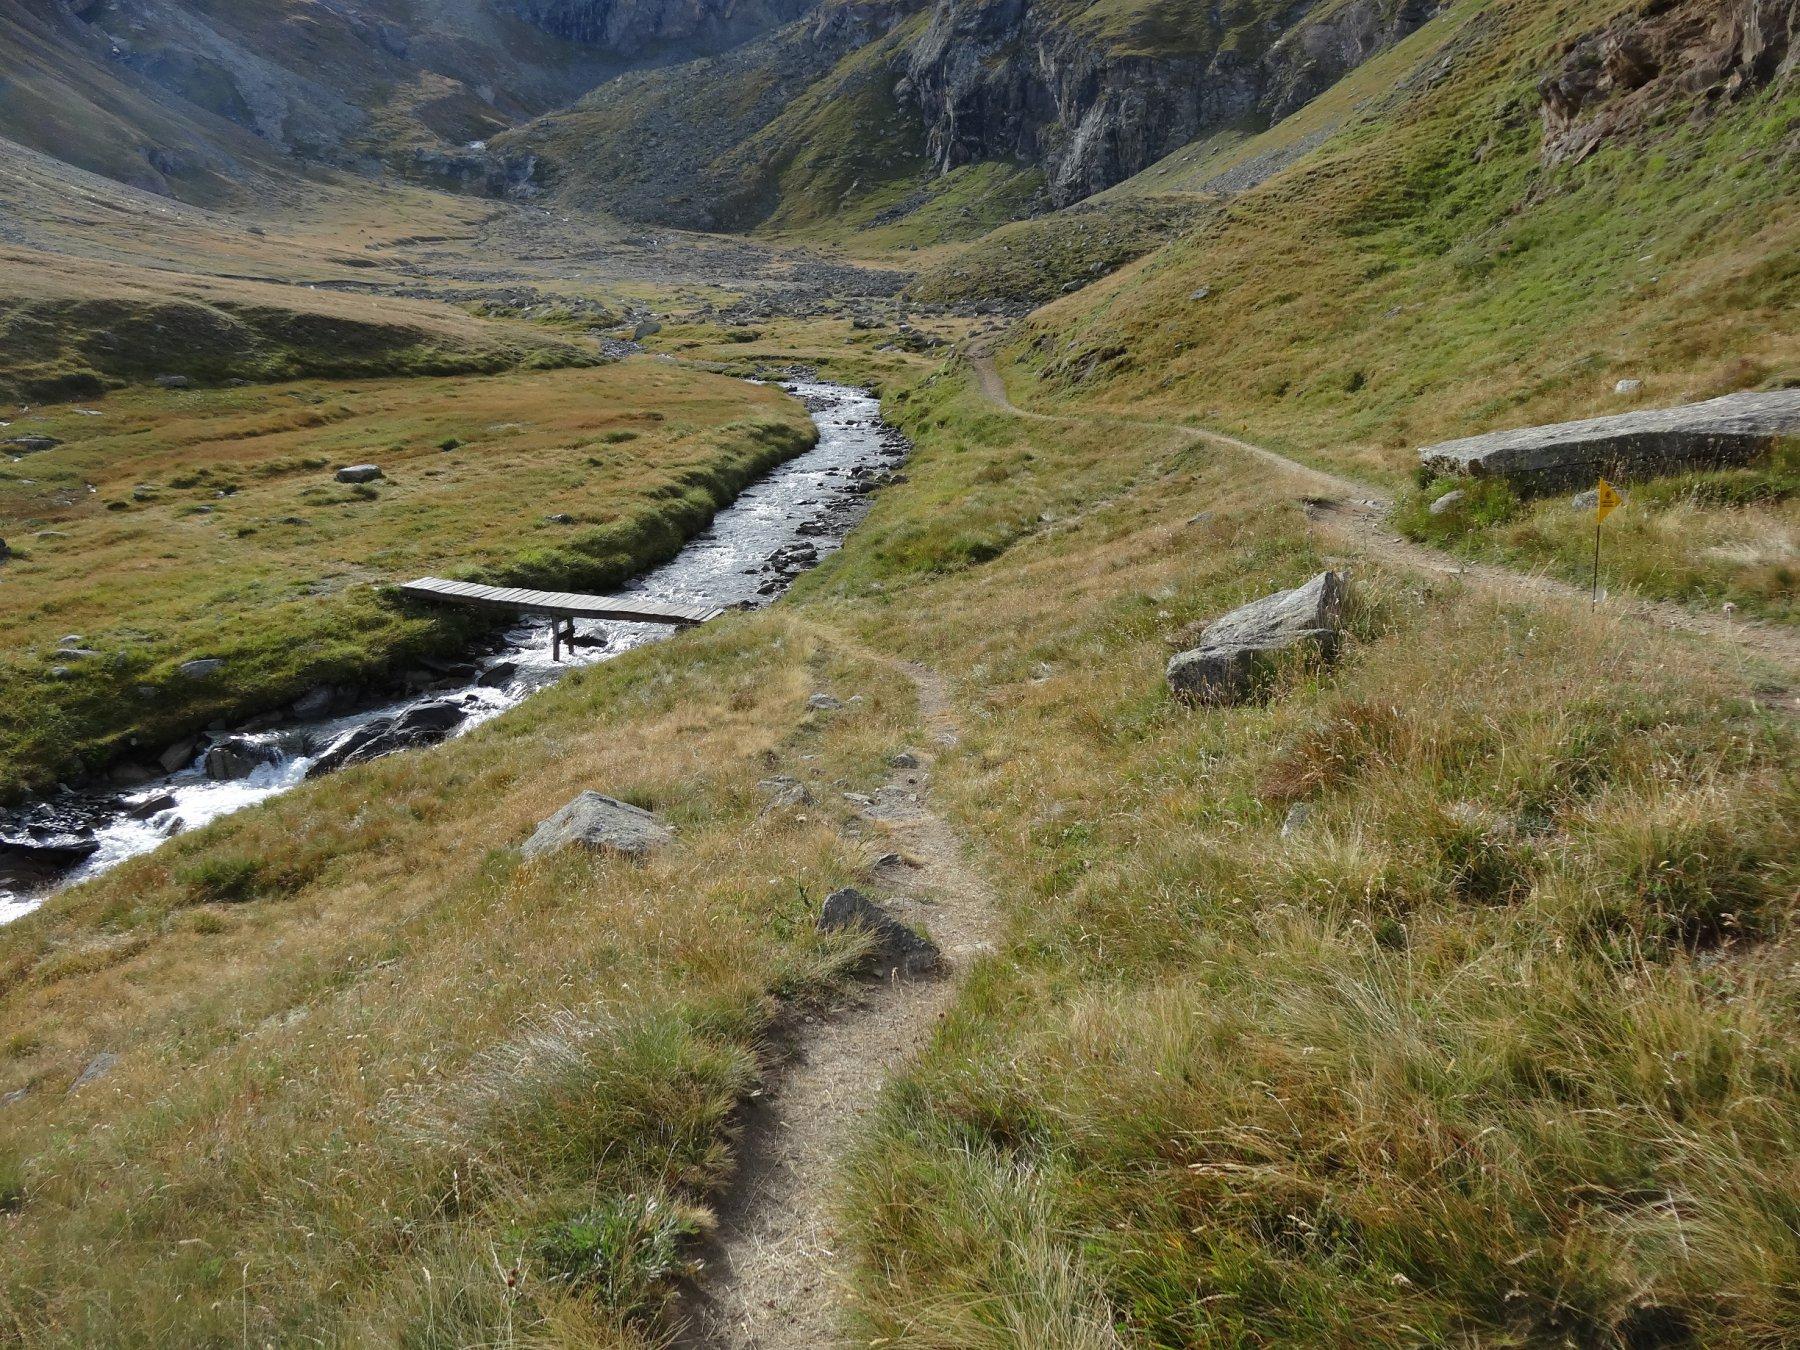 il bivio per il sentiero che sale alla casa di caccia